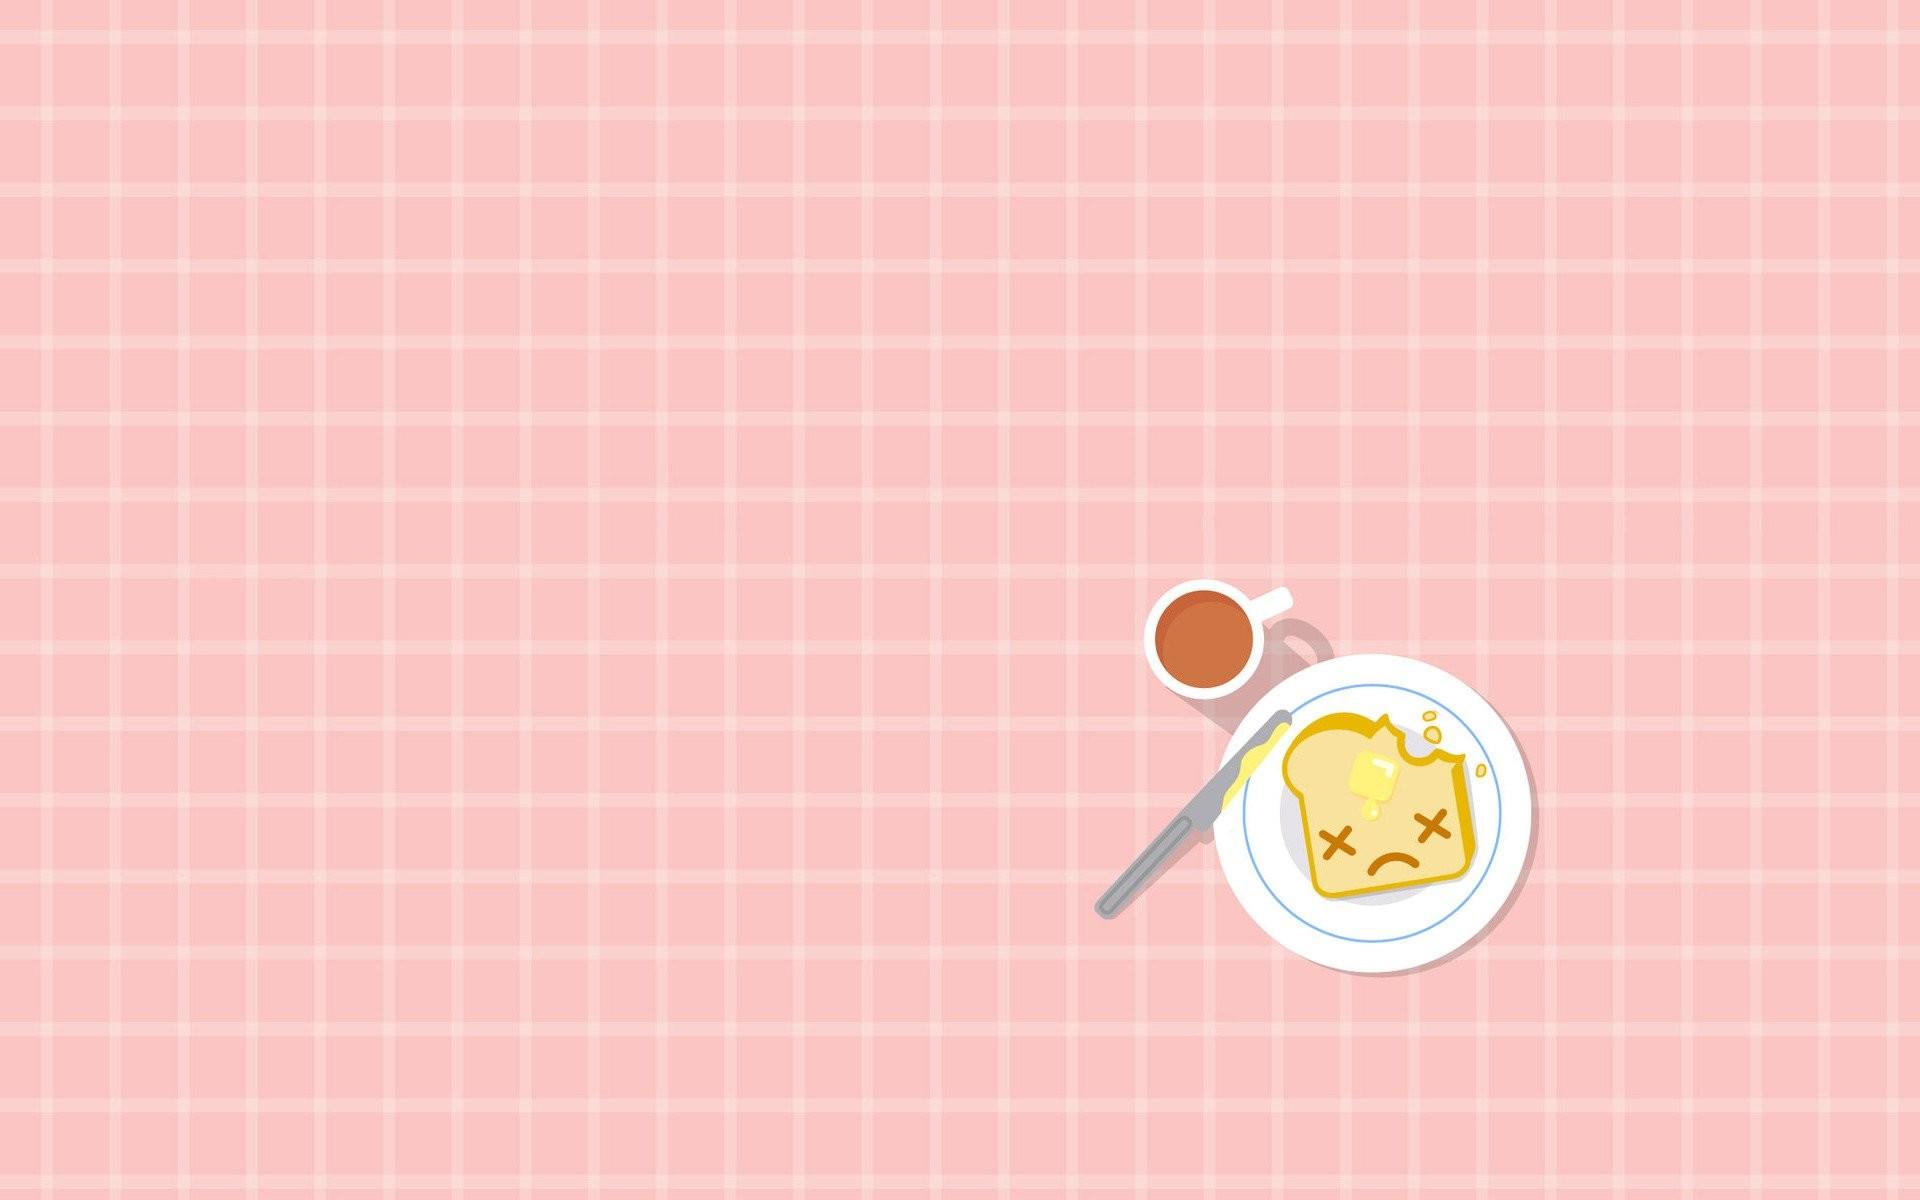 Cute Food wallpapers desktop